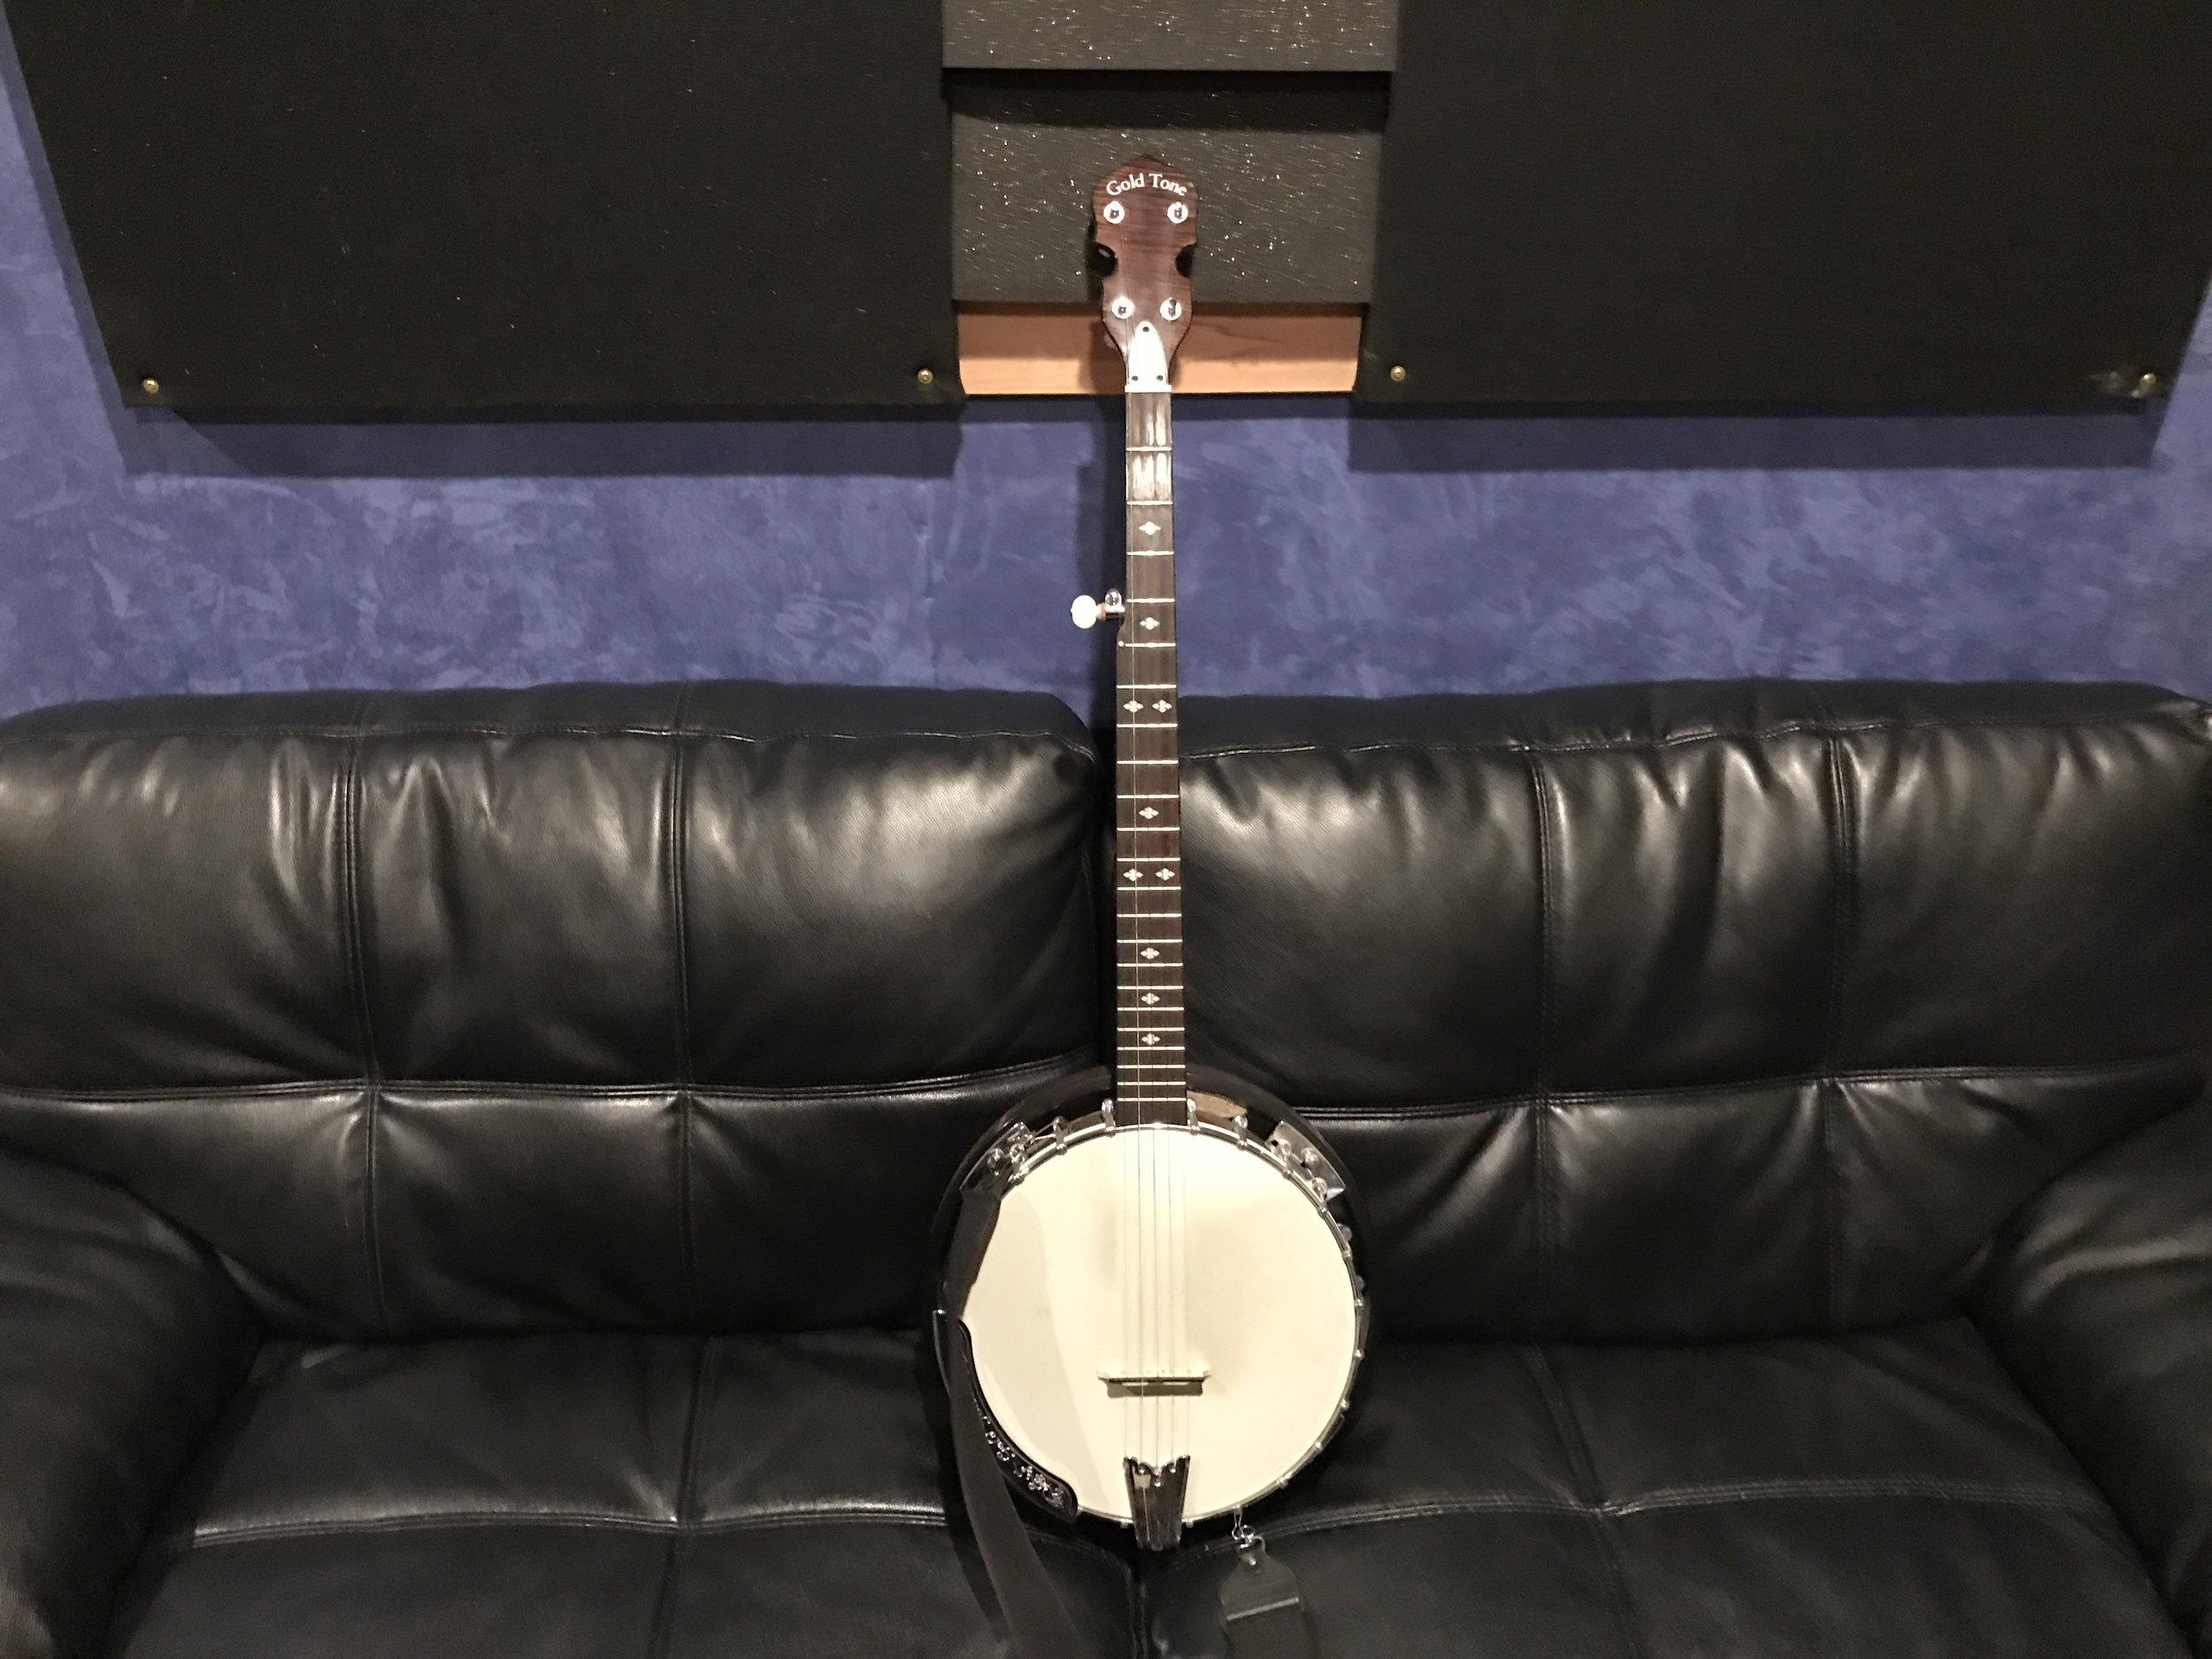 The Banjo!